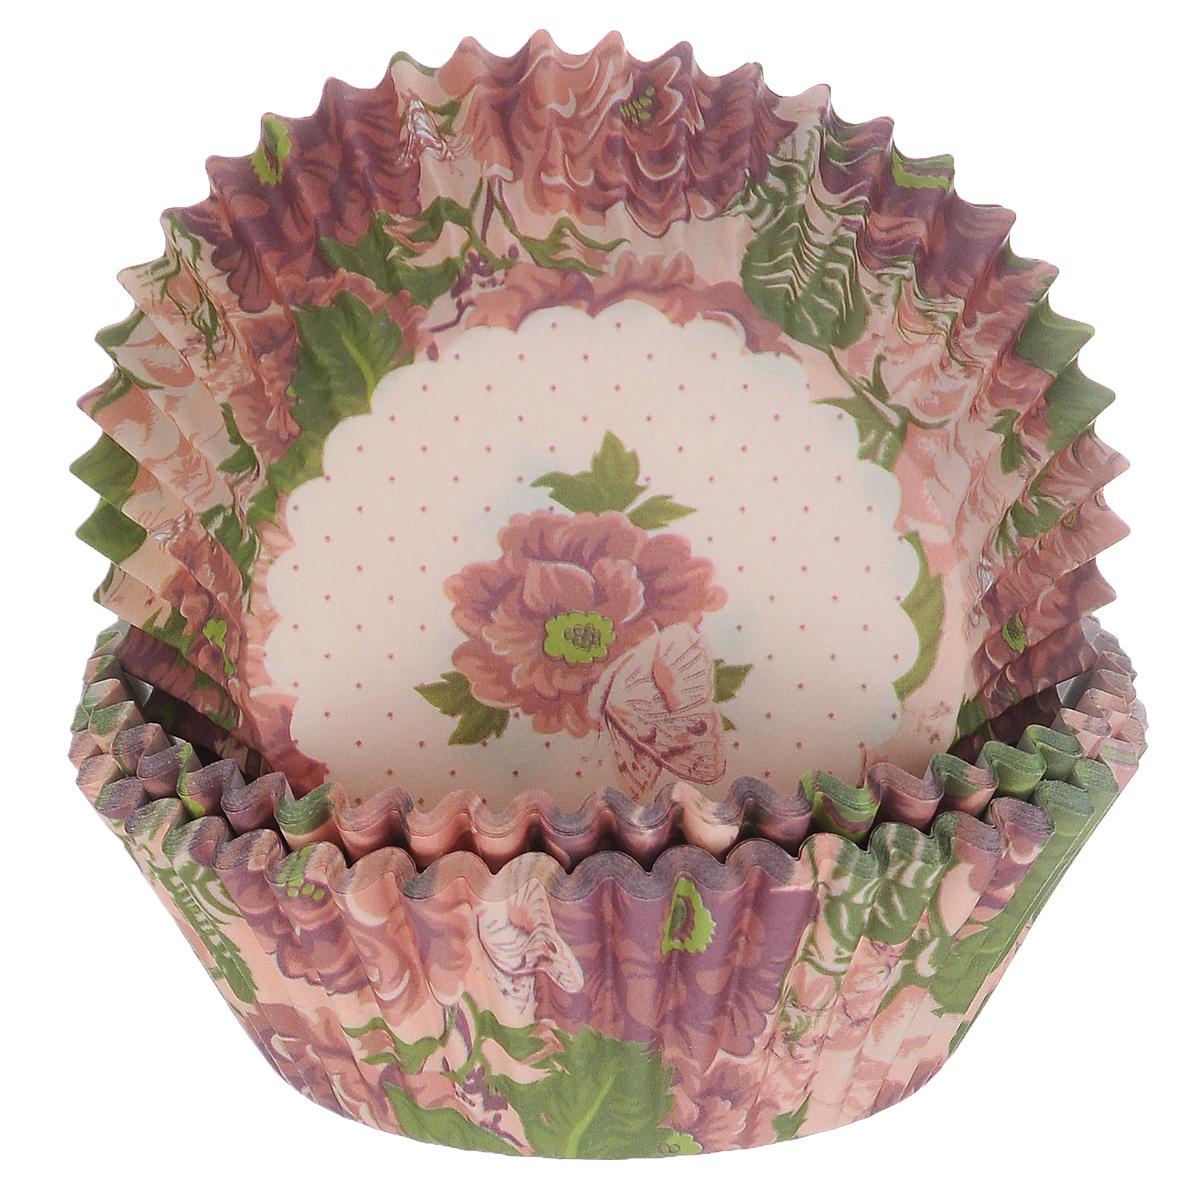 Набор бумажных форм для кексов Dolce Arti Букет, цвет: сиреневый, розовый, диаметр 5 см, 50 штDA080212Набор Dolce Arti Букет состоит из 50 бумажных форм для кексов, оформленных красочным цветочным изображением. Они предназначены для выпечки и упаковки кондитерских изделий, также могут использоваться для сервировки орешков, конфет и многого другого. Для одноразового применения. Гофрированные бумажные формы идеальны для выпечки кексов, булочек и пирожных.Высота стенки: 3 см. Диаметр (по верхнему краю): 7 см.